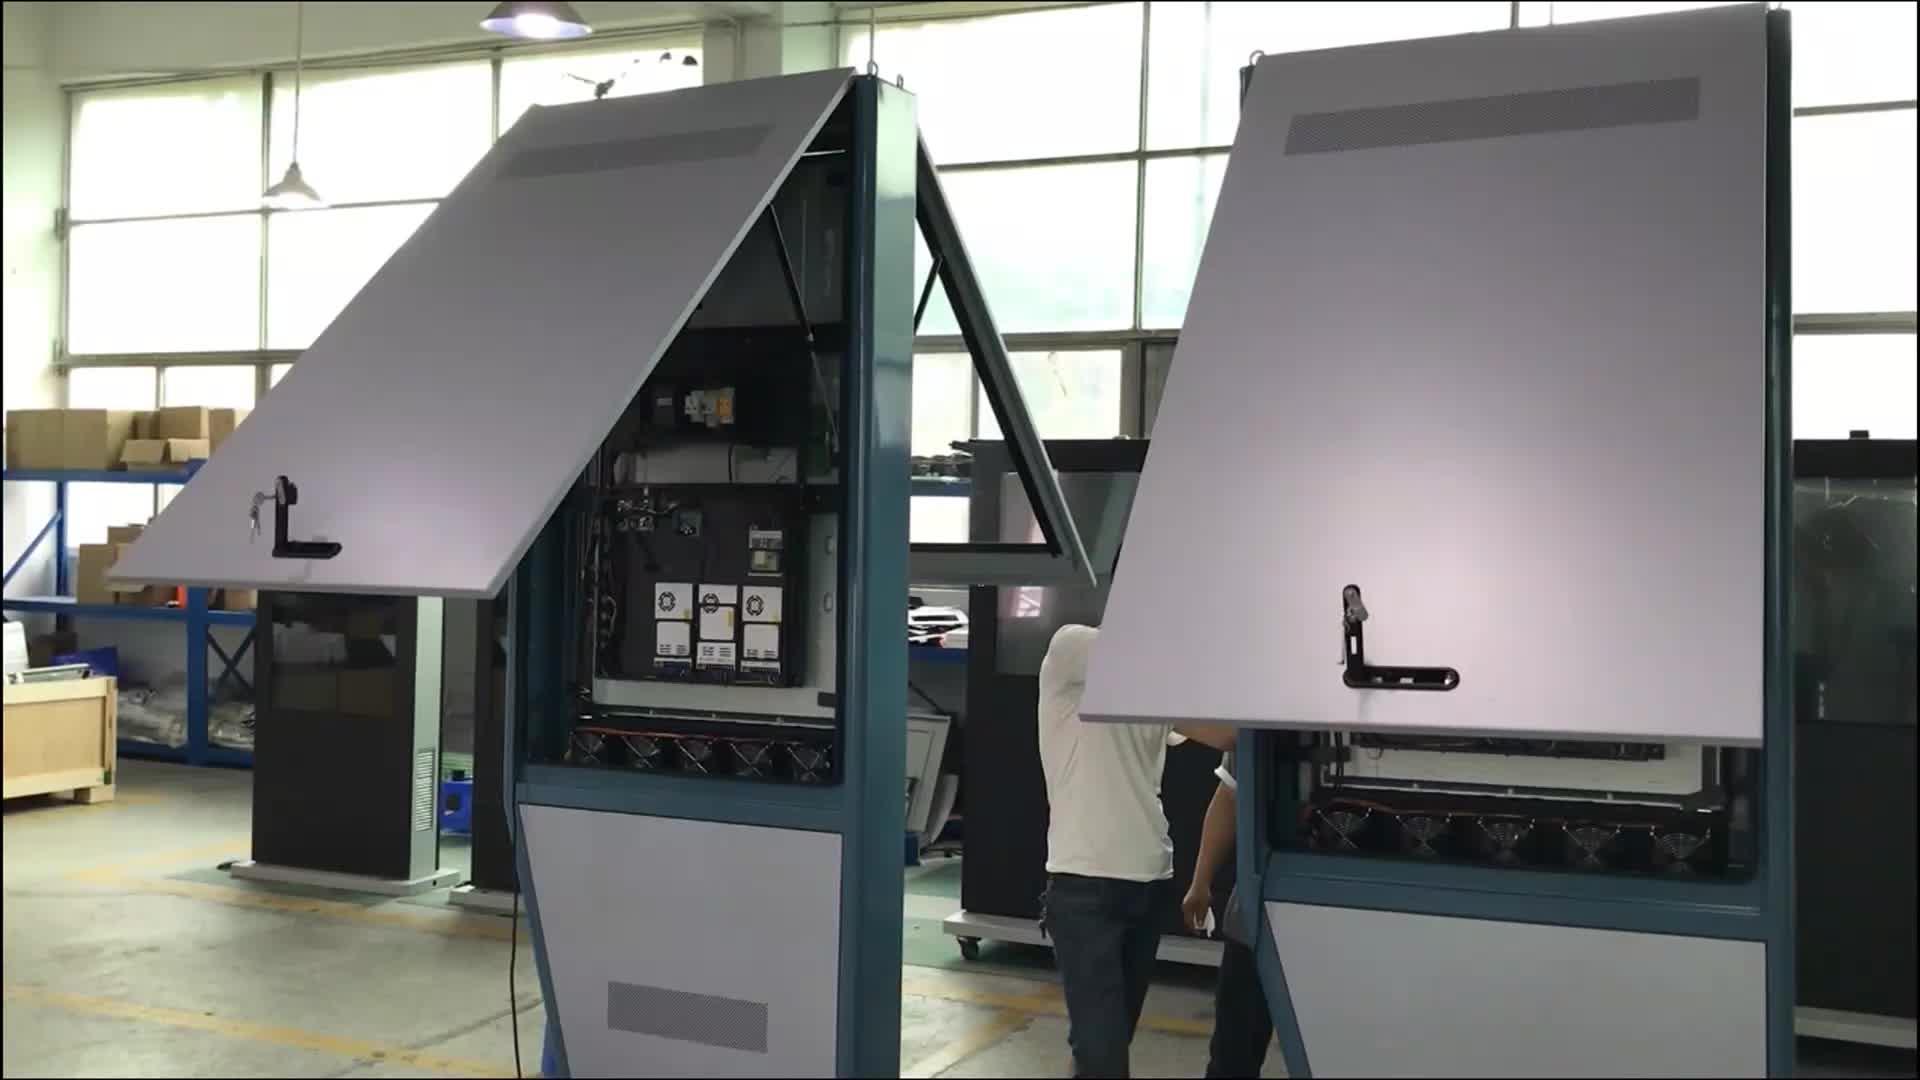 Impermeabile standing outdoor di alta luminosità del display lcd monitor outdoor chiosco digitale ip65 video stand lcd giocatore di pubblicità